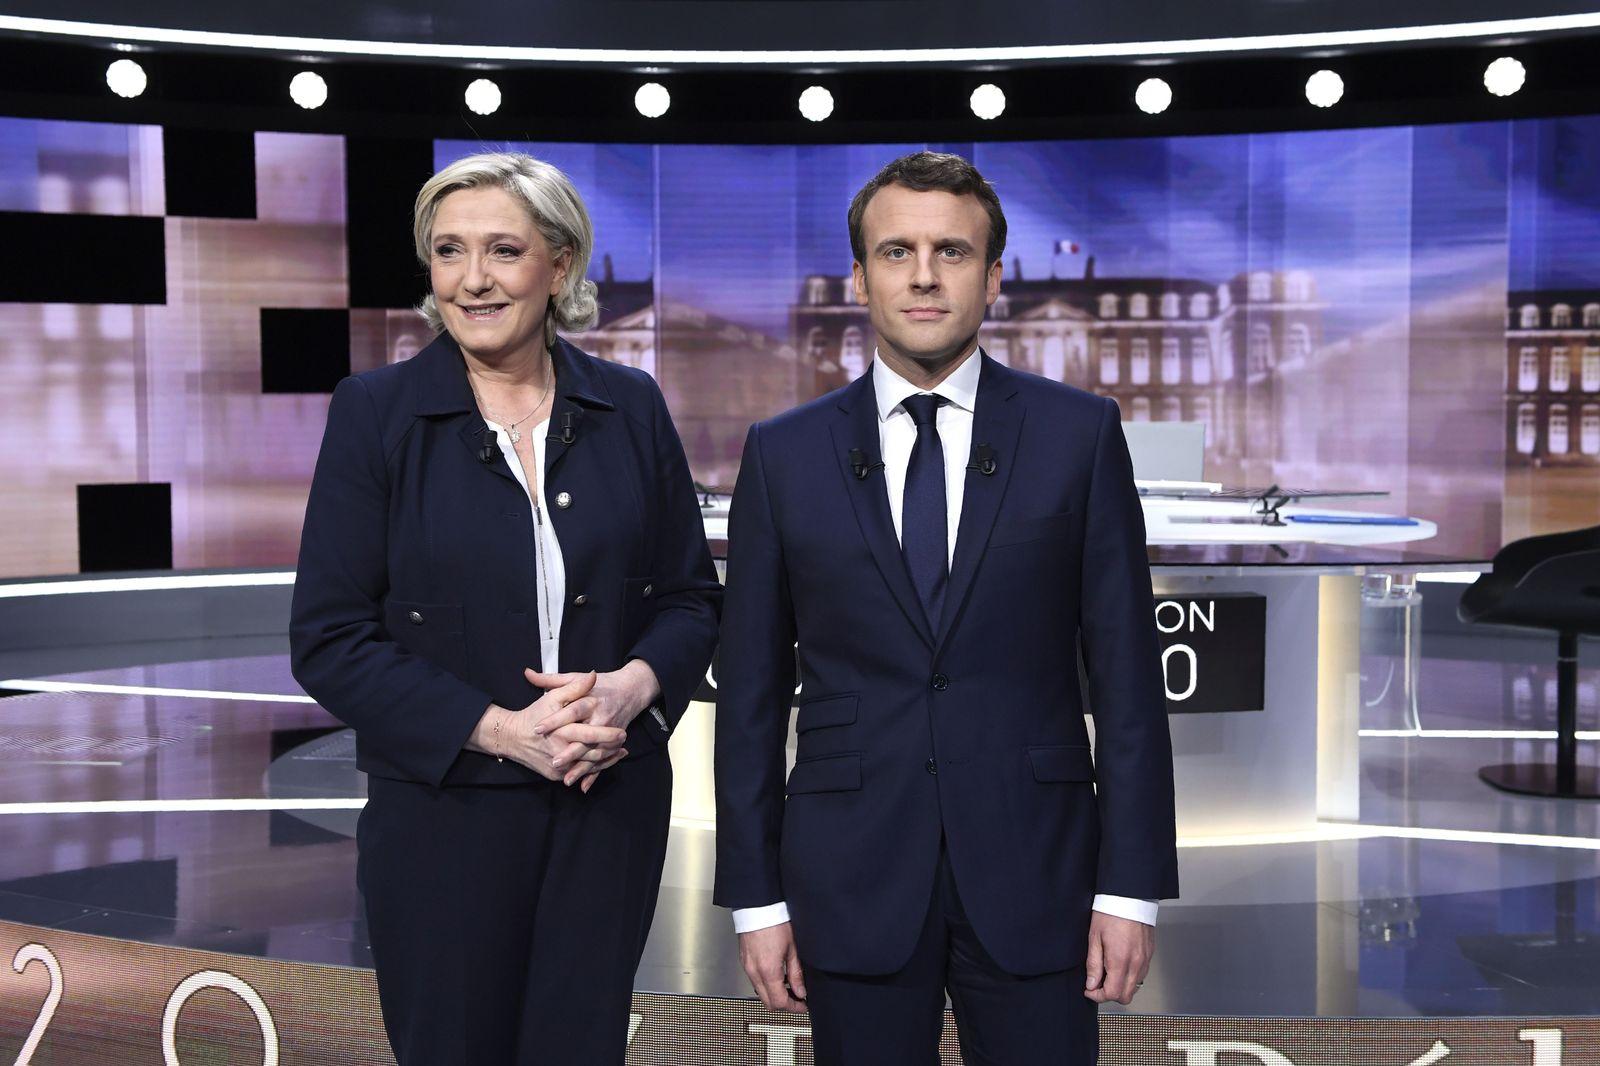 Le Pen / Macron / Wahl/ Frankreich 2017